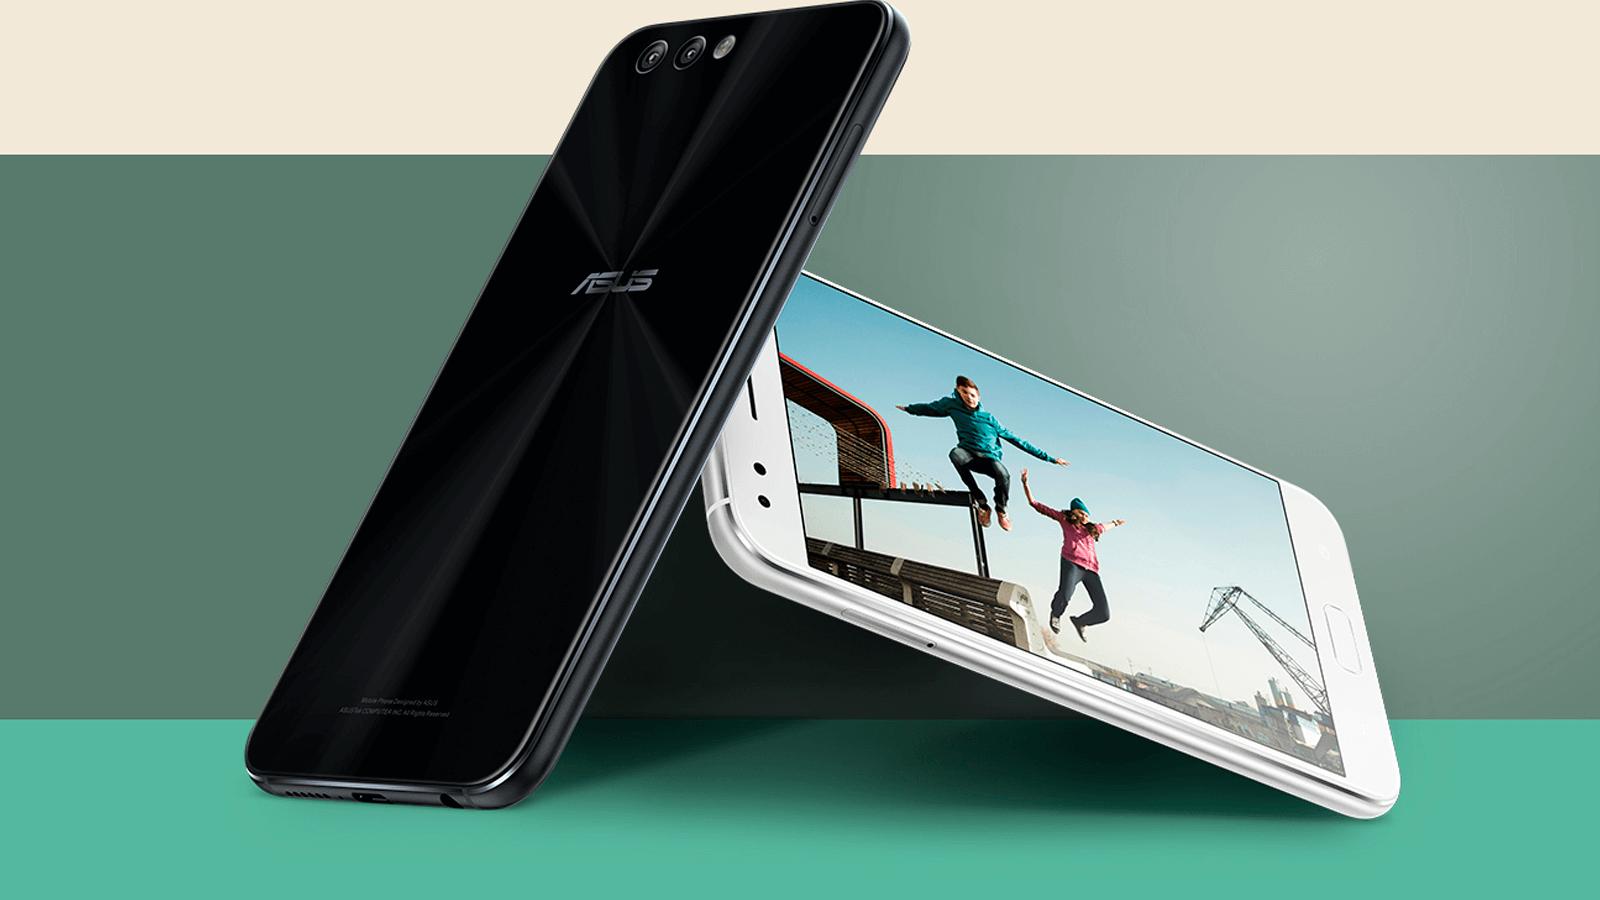 ASUS Zenfone 4 Showmetech - Melhores smartphones intermediários de 2018